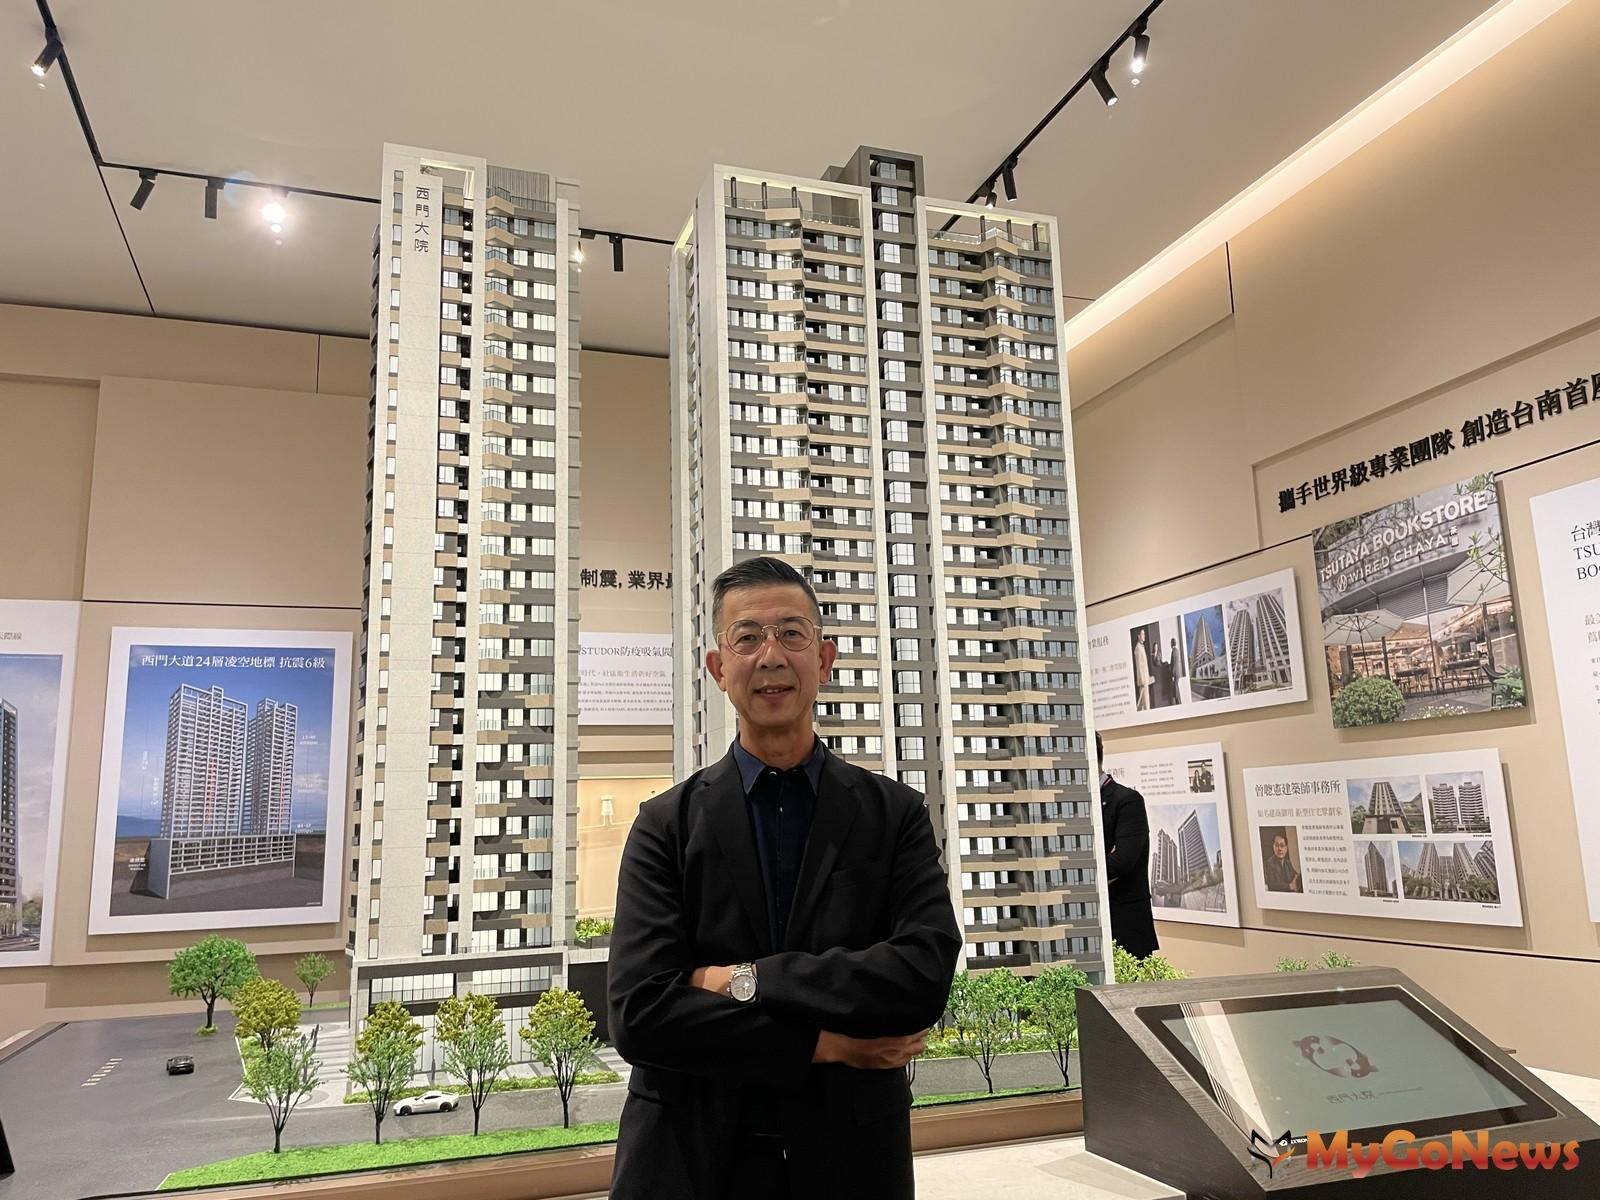 勝聯開發總經理翁志聖表示, : 勝聯開發將從文化丶藝術丶人文丶生態丶節能科技的元素帶入建築,傳達新的建築理念 MyGoNews房地產新聞 市場快訊